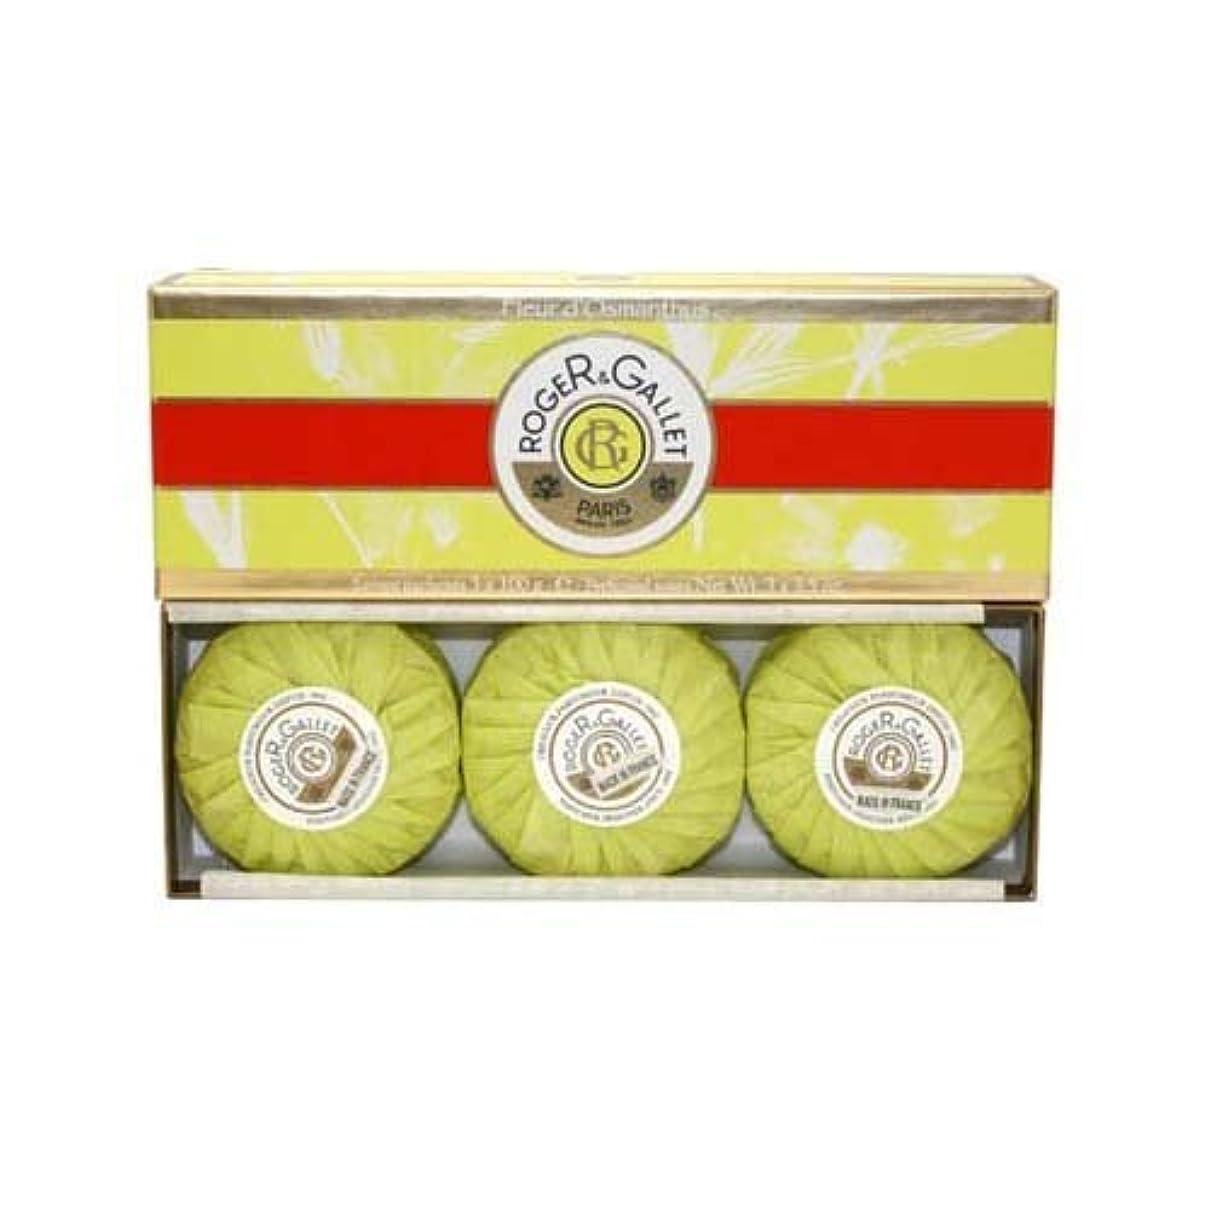 責重要トレッドロジェガレ オスマンティウスパフューム 香水石鹸 100g 3個入りセット ROGER&GALLET FLEUR D'OSMANTHUS PERFUMED SOAP [並行輸入品]